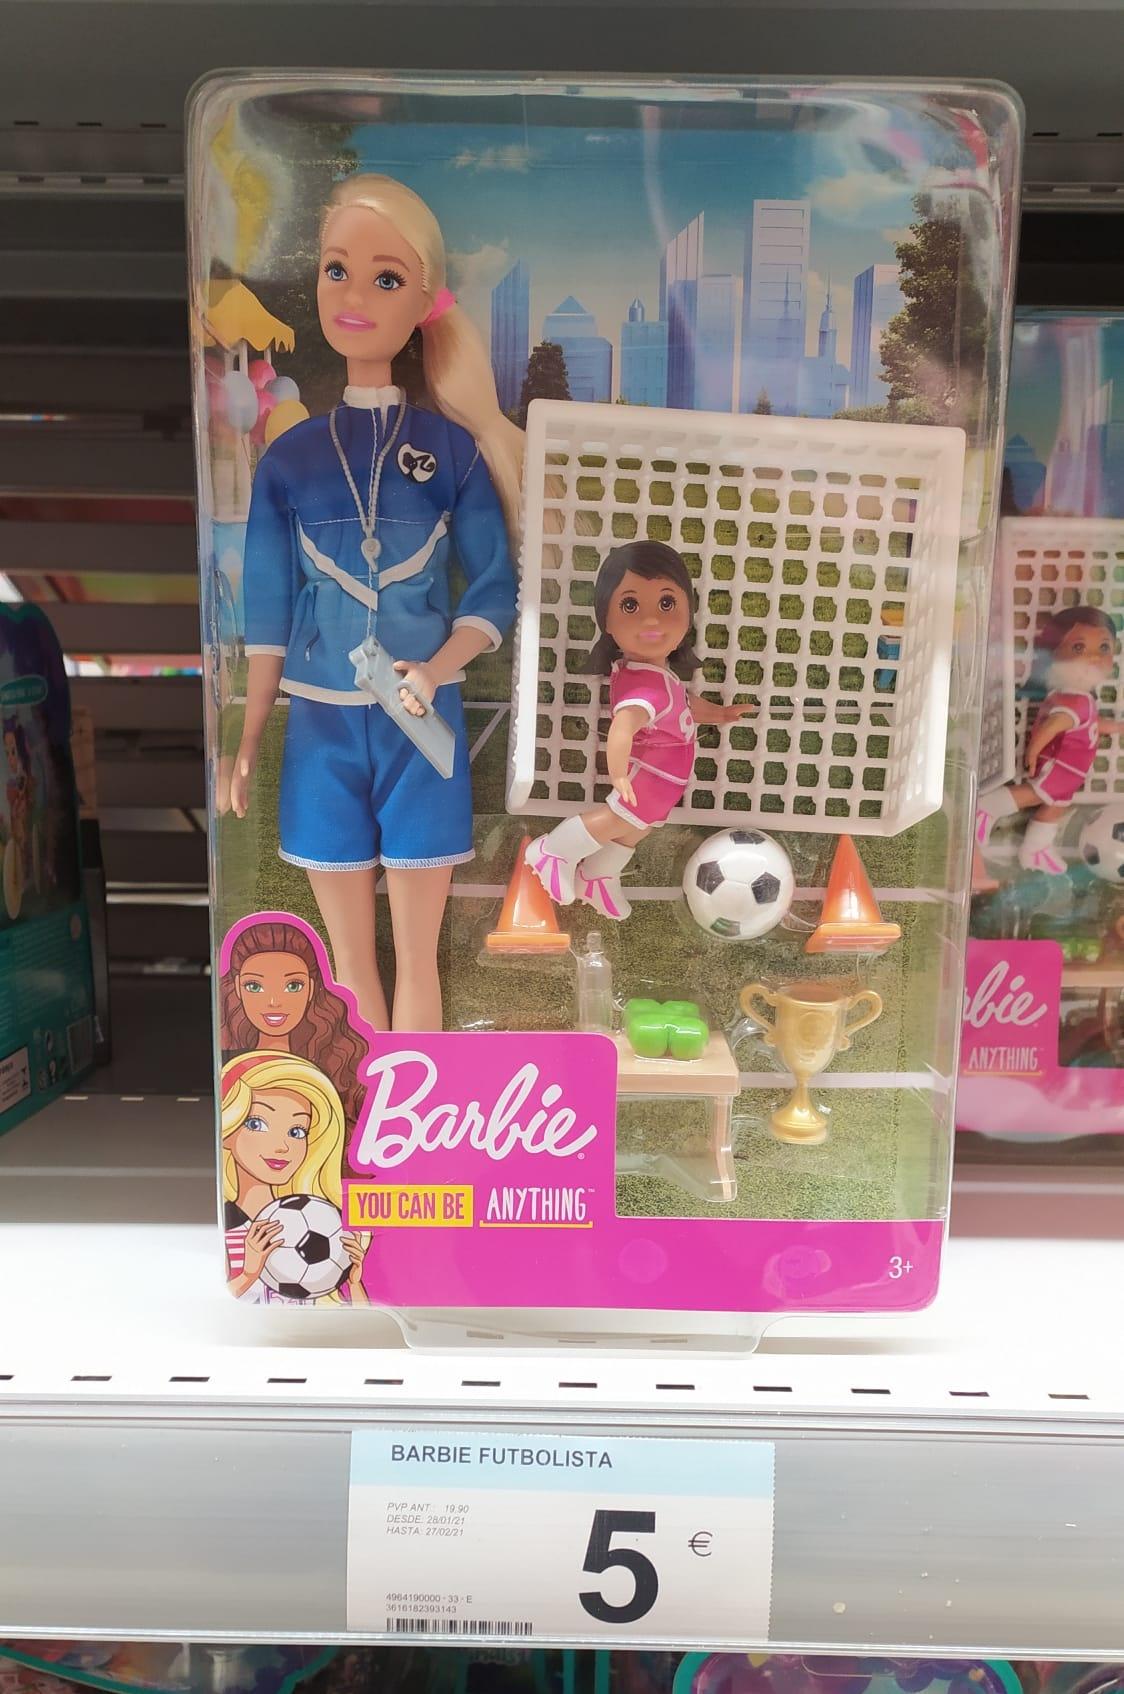 Barbie entrenadora de futbol (Carrefour Majadahonda)